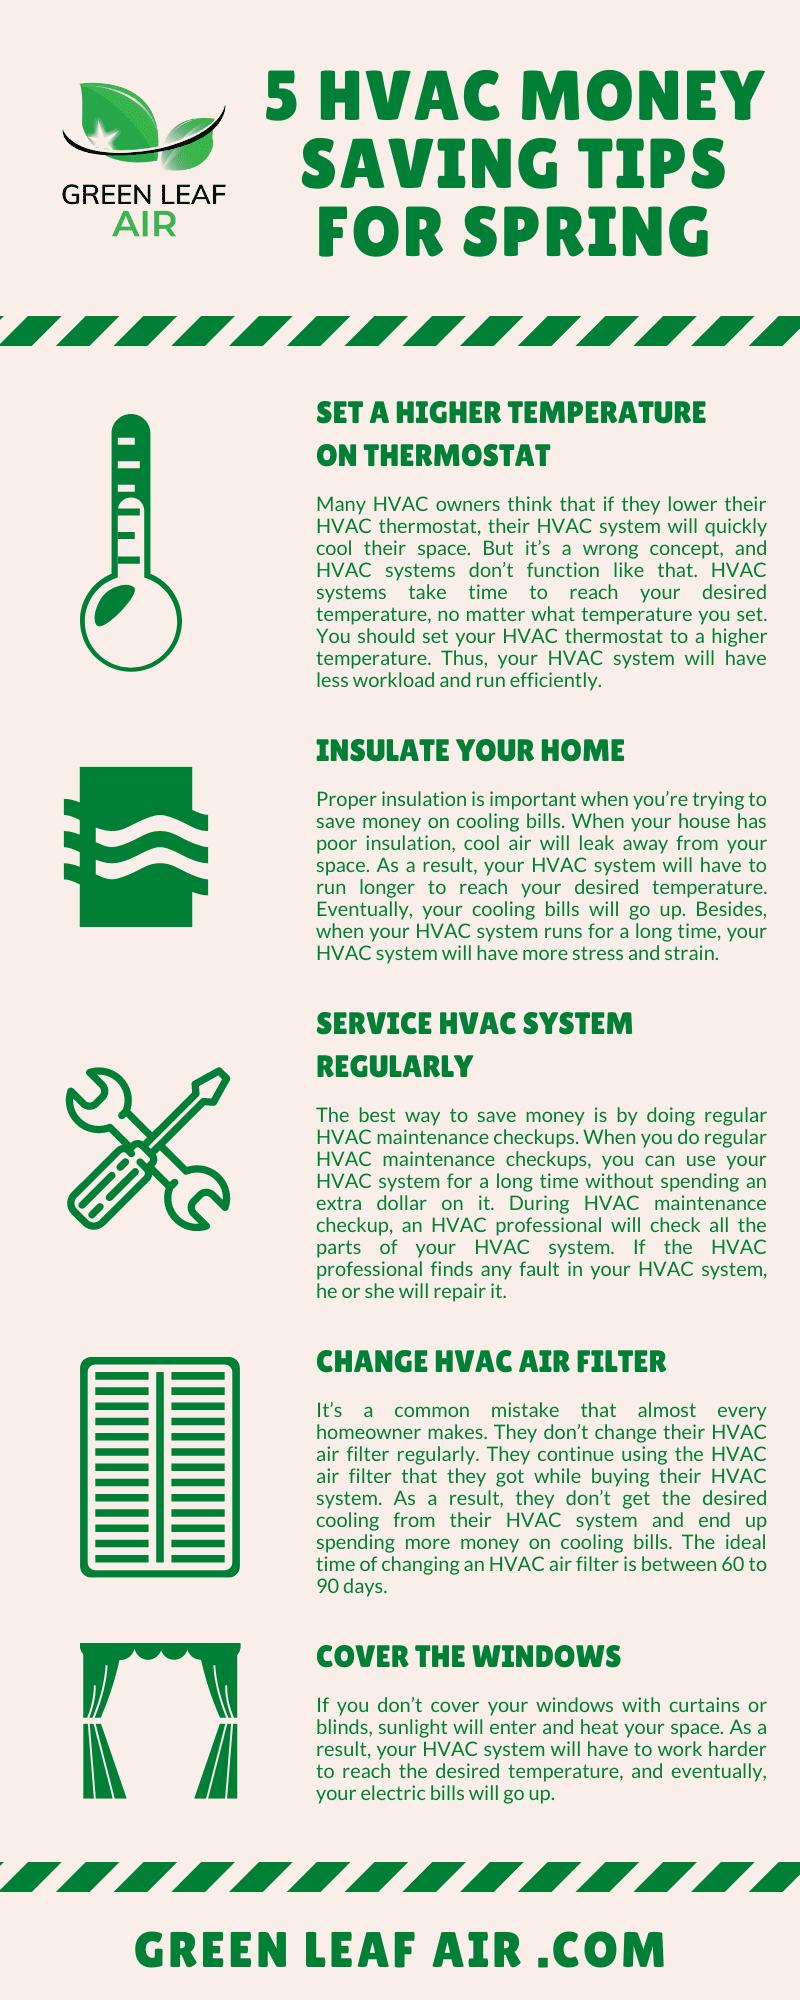 5 HVAC Money Saving Tips for Spring